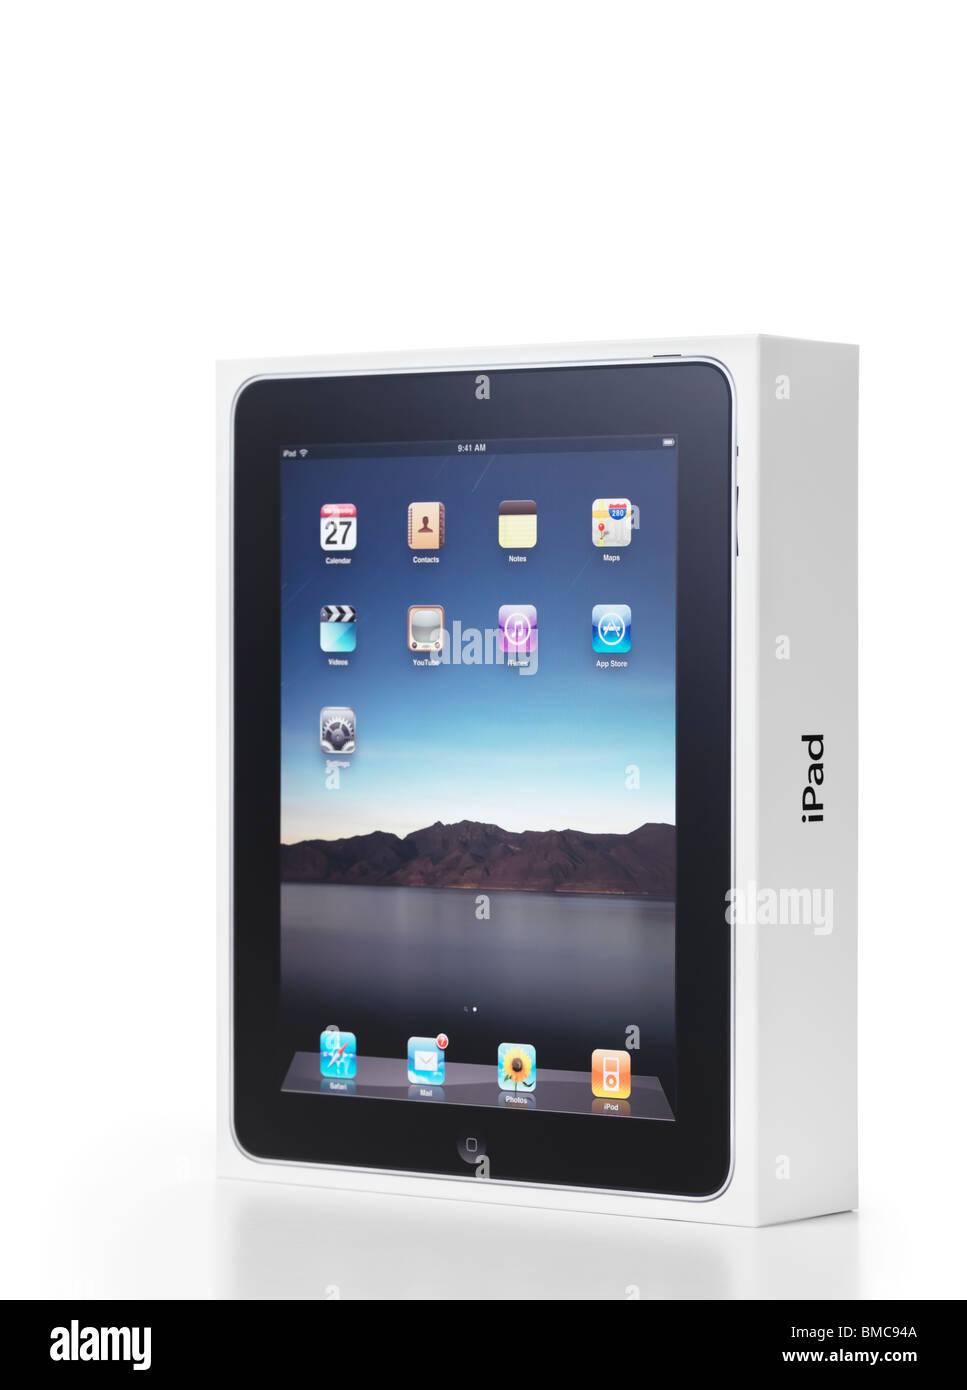 Apple-iPad-Produktverpackung. Isolierte Box mit Clipping-Pfad auf weißem Hintergrund. Stockbild